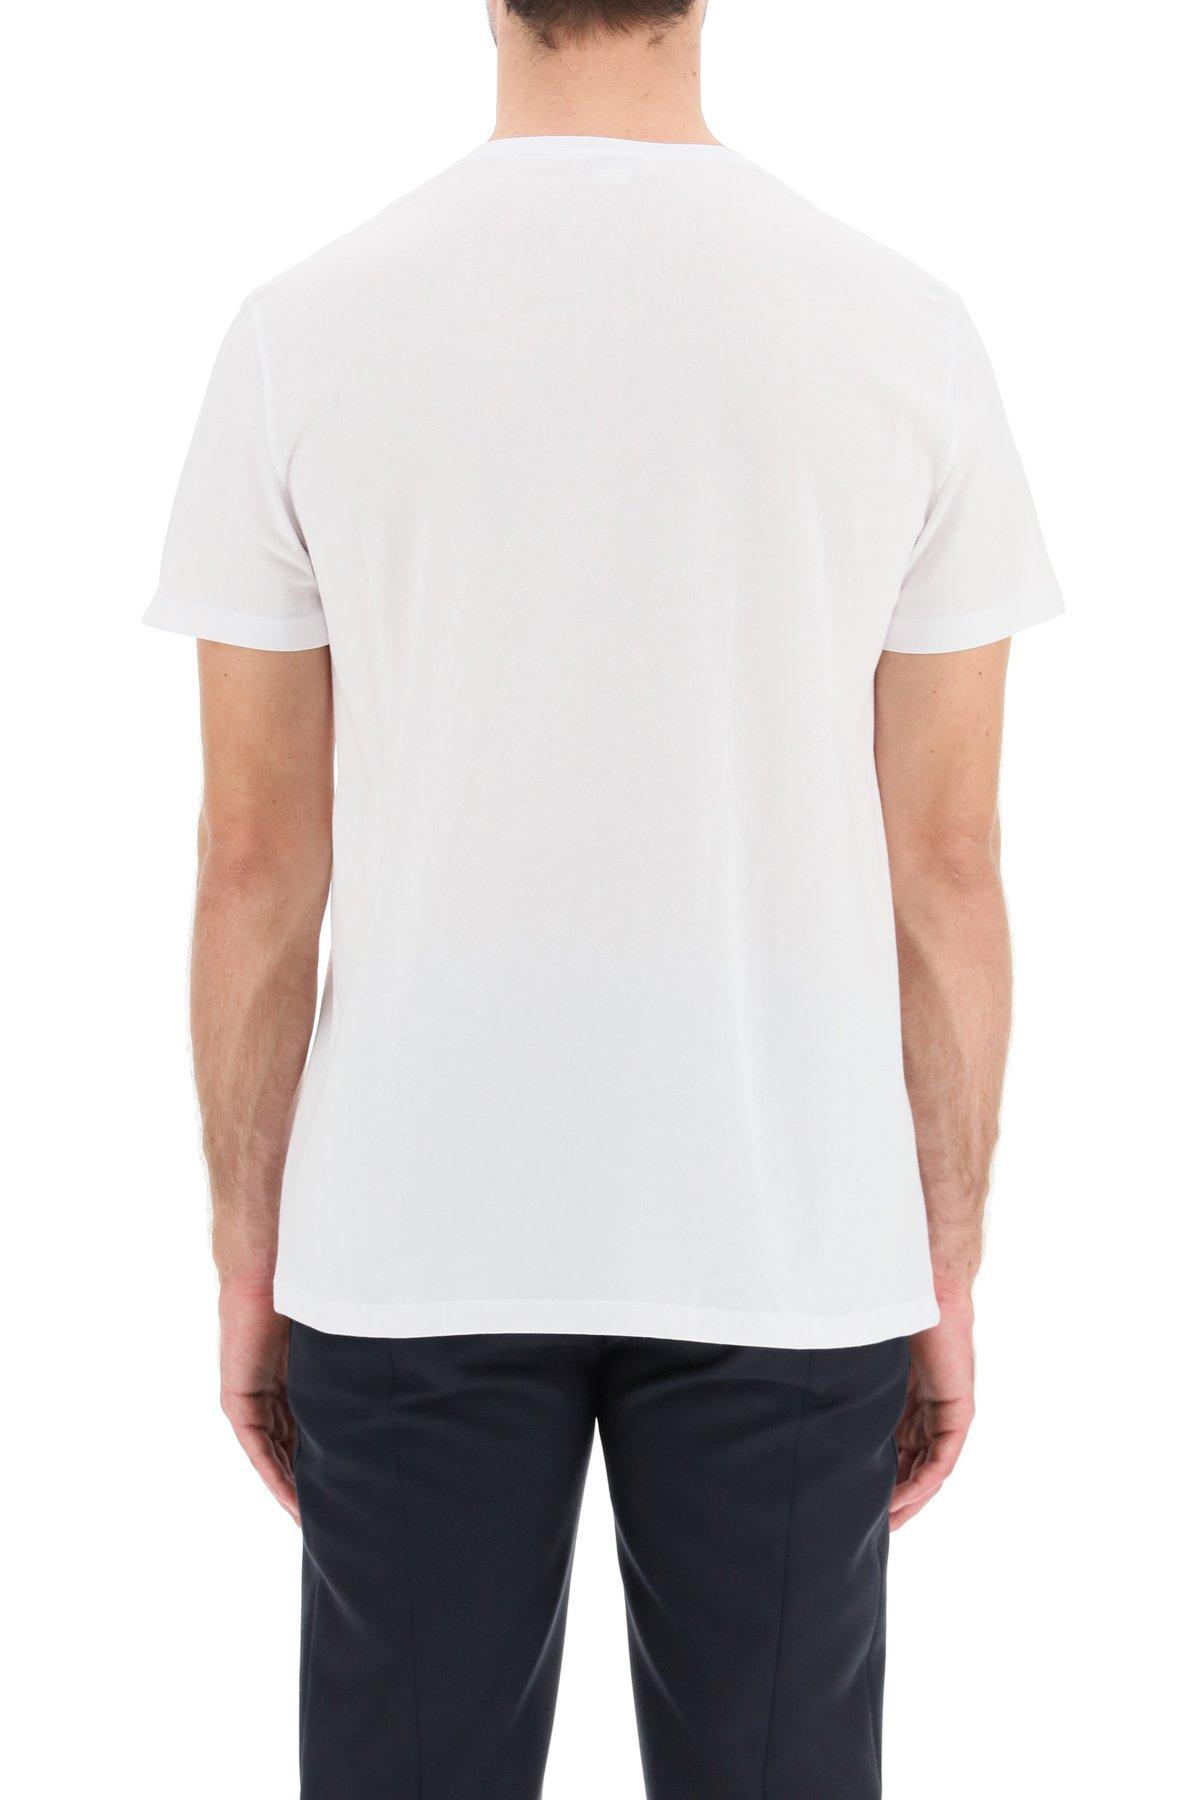 Alexander mcqueen t-shirt logo graffiti